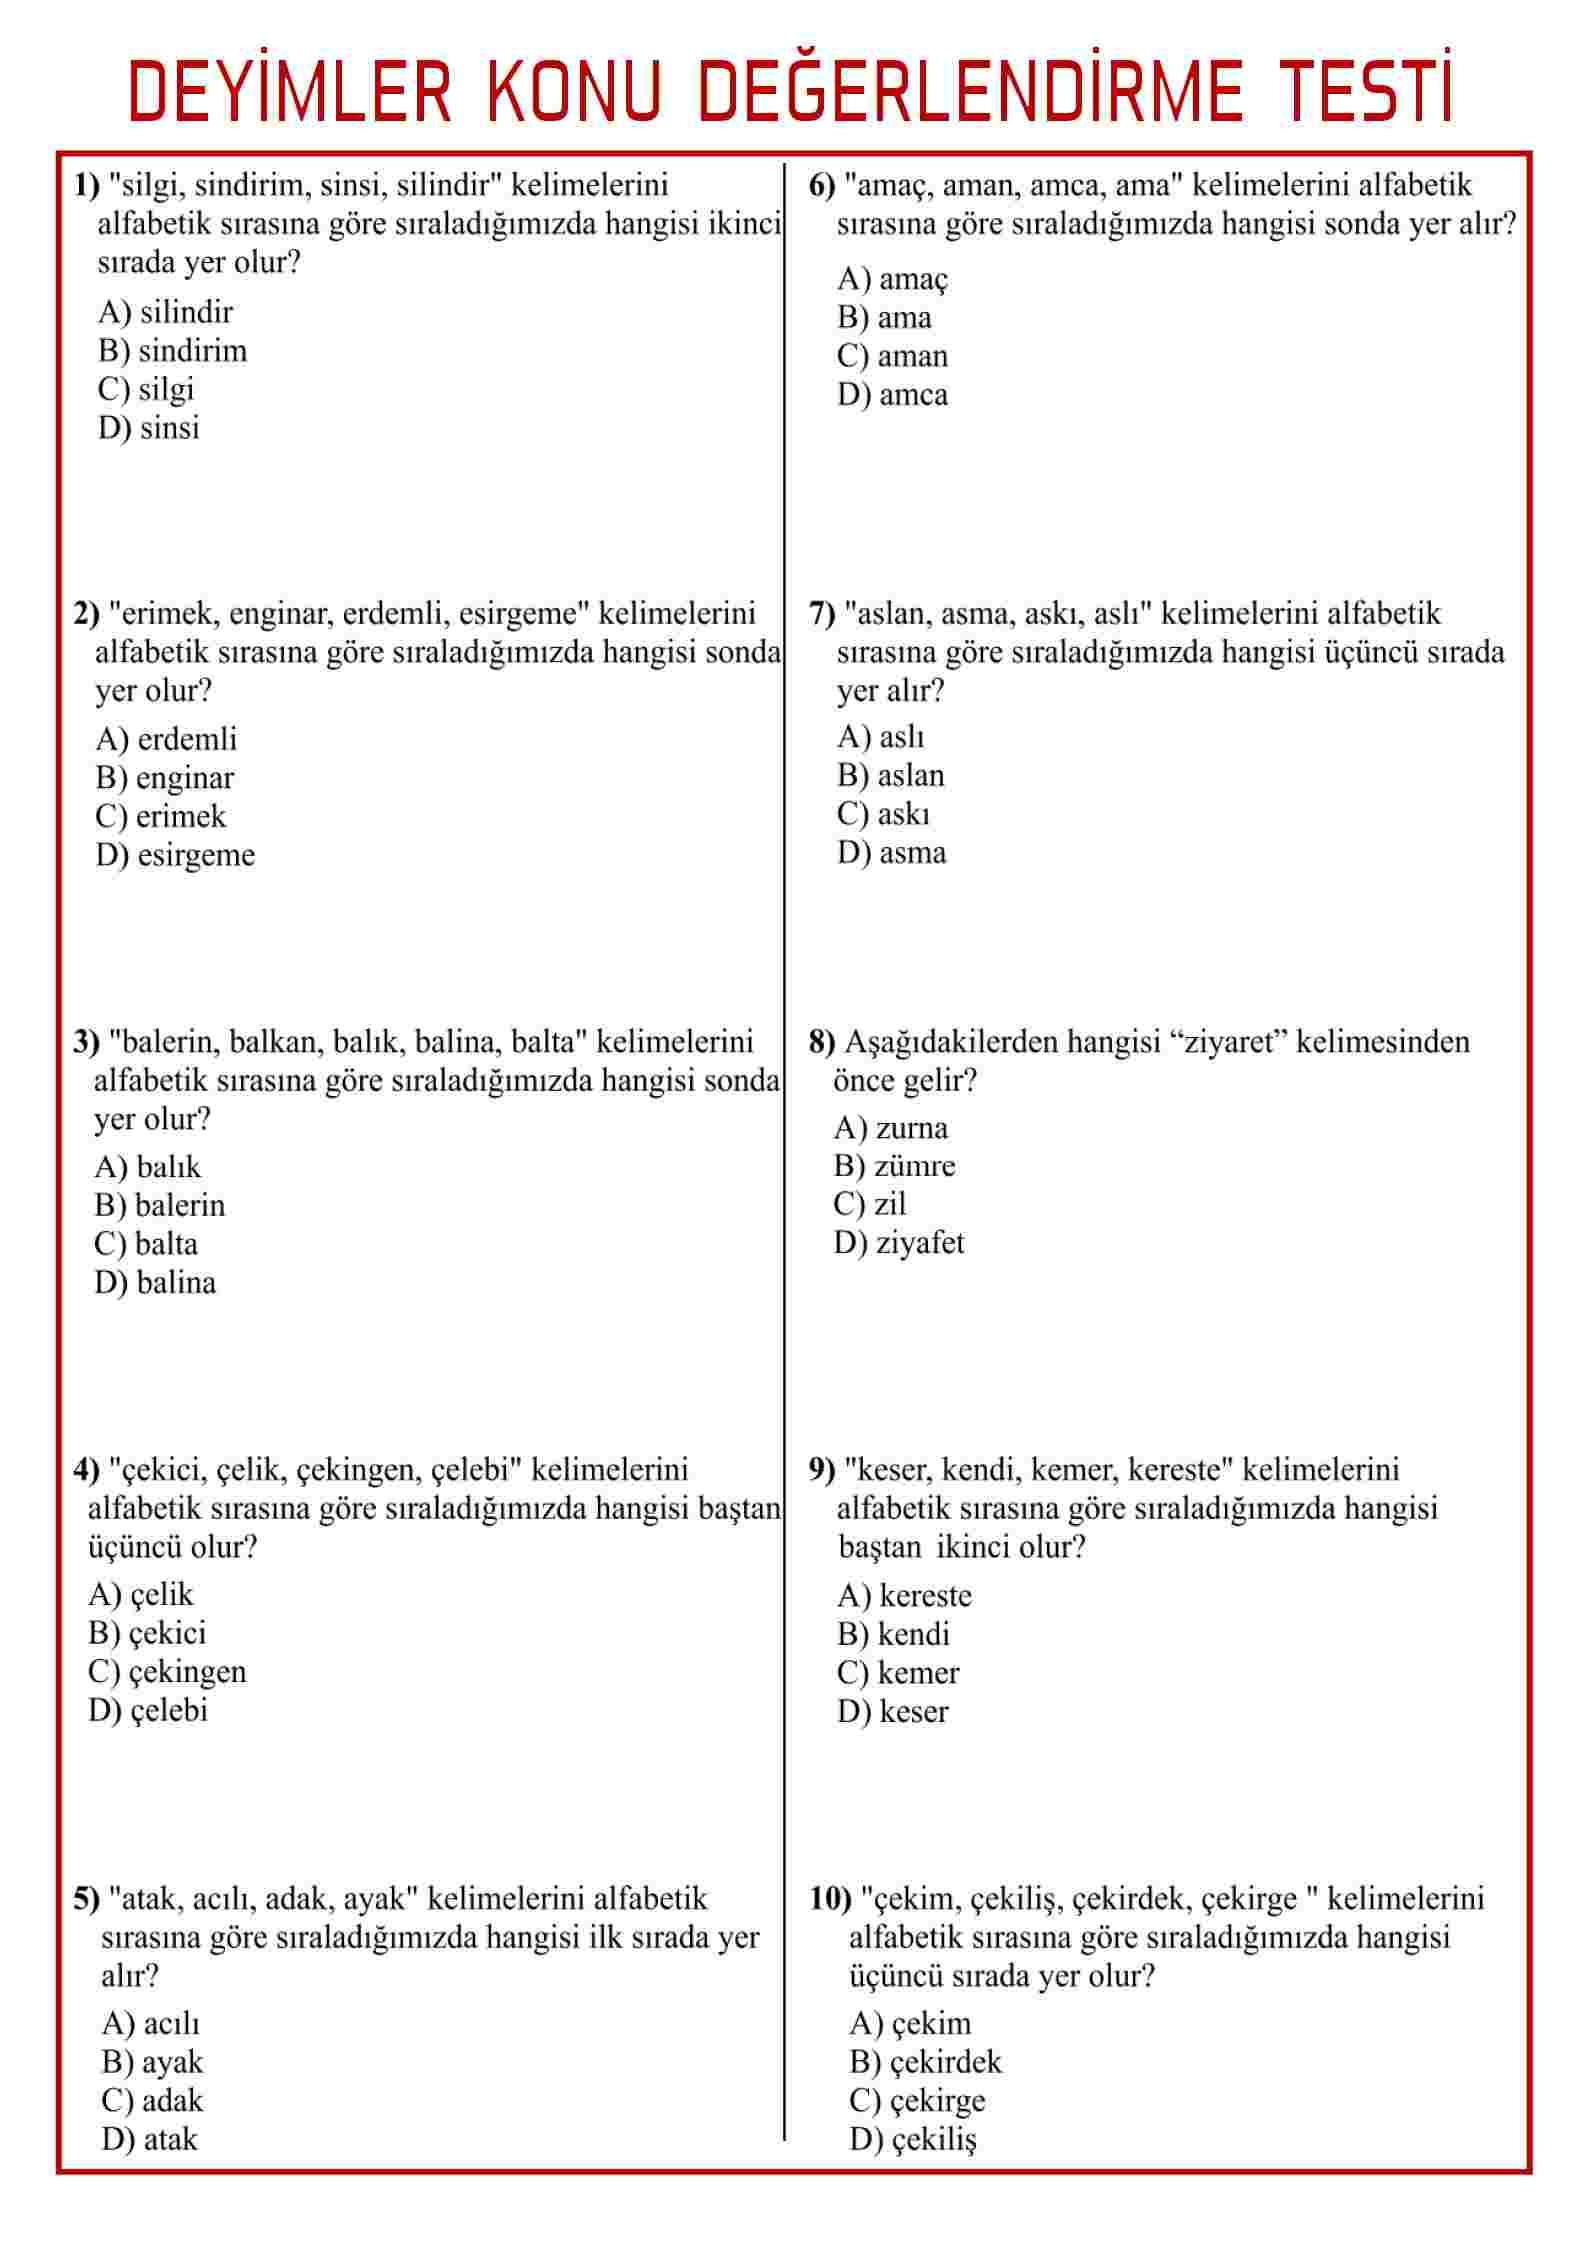 DEYİMLER_KONU DEĞERLENDİRME TESTİ-2